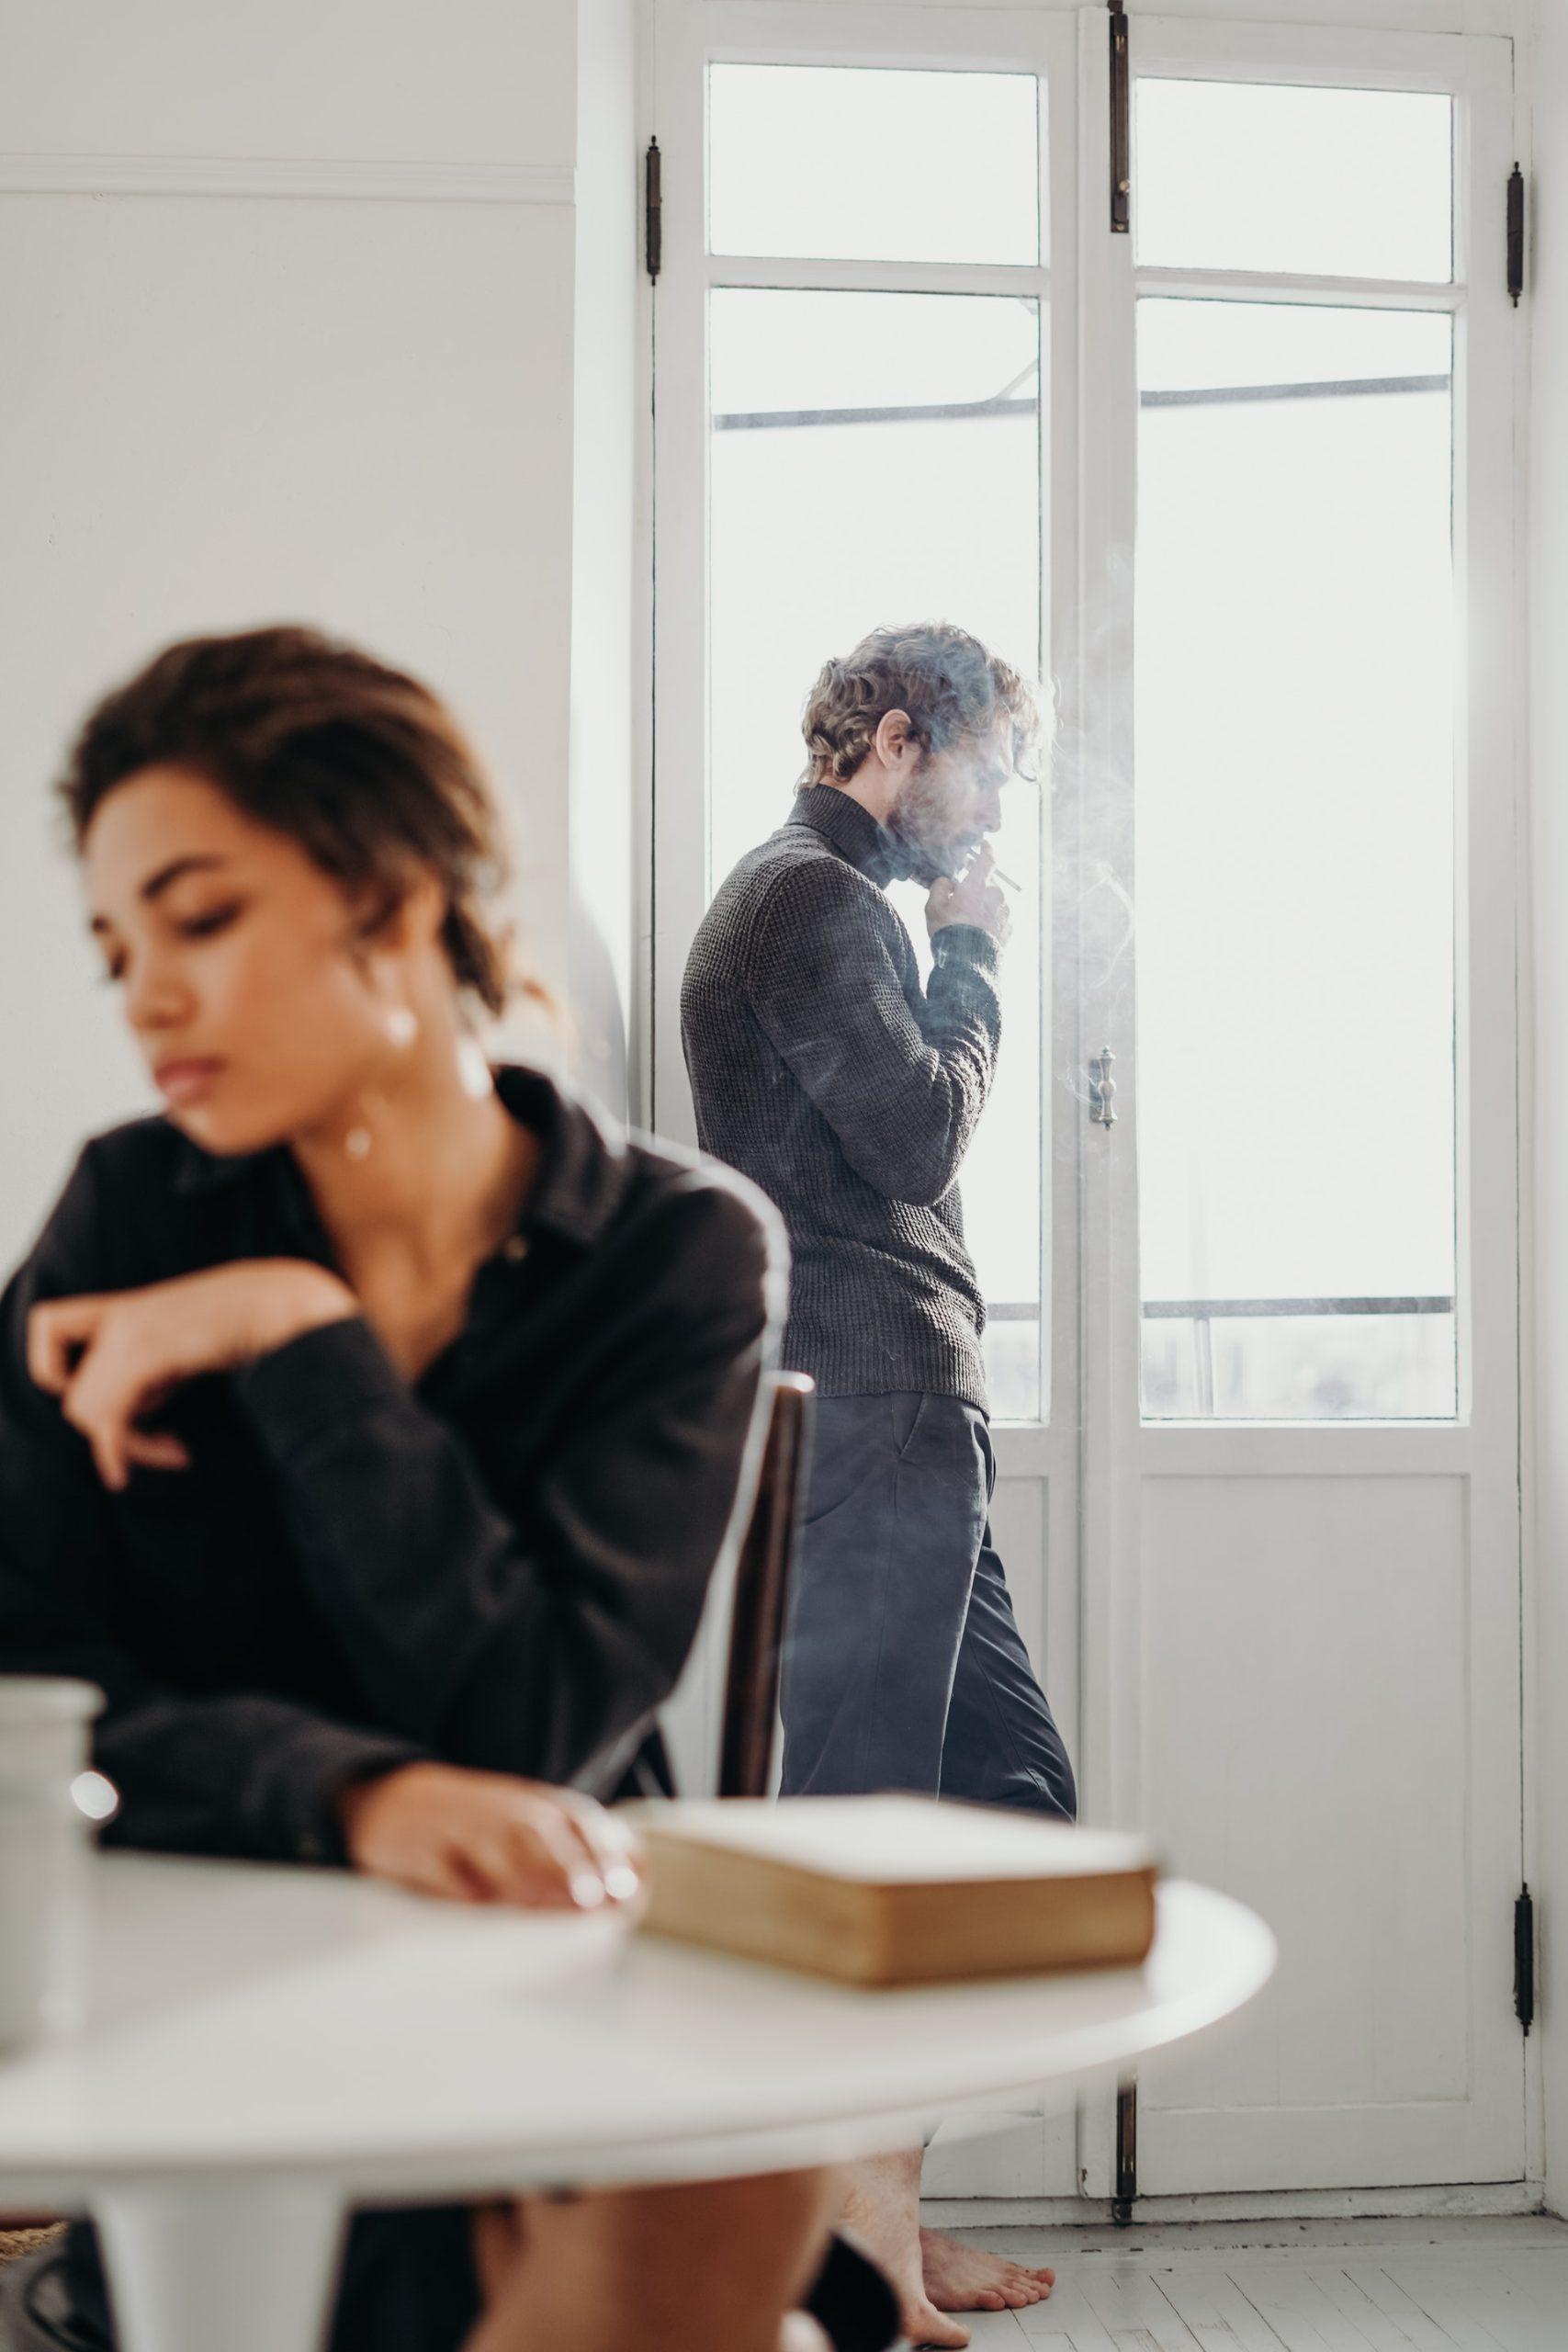 Mi mujer me engaña y luego se arrepiente porno Consejos Para Recuperar La Confianza En Tu Pareja Siquia Psicologos Online